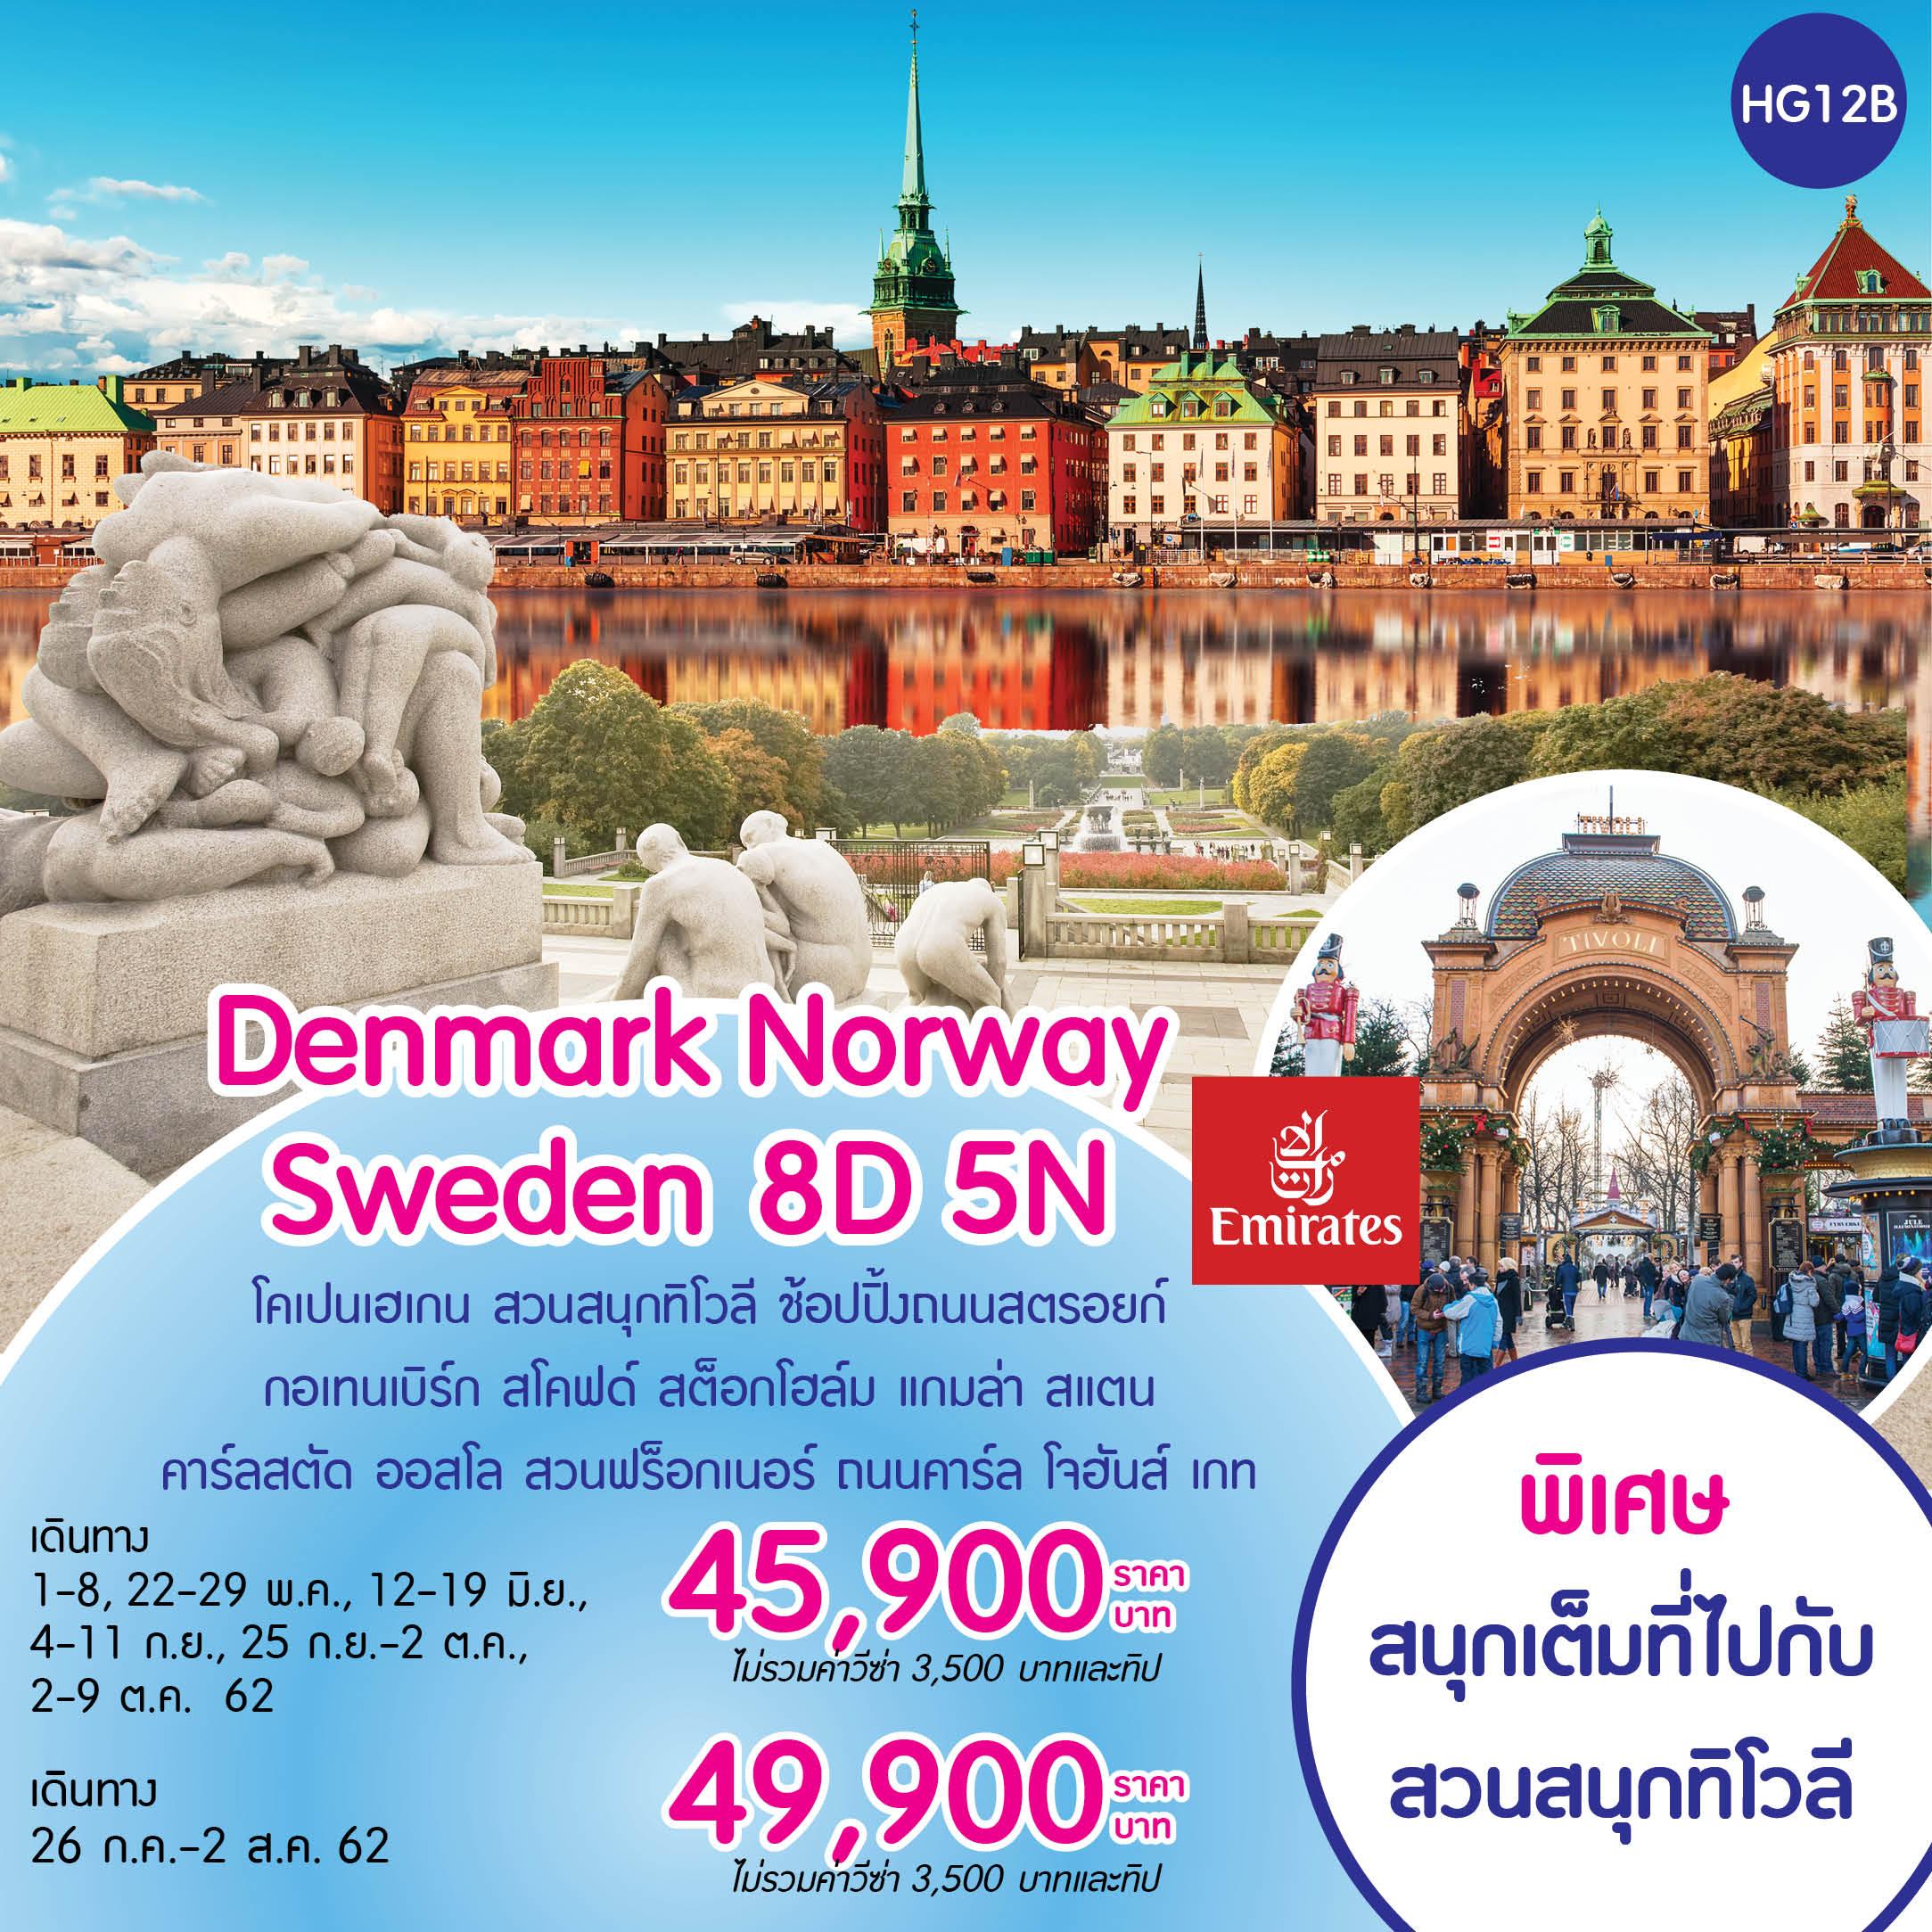 Denmark Norway Sweden 8 วัน 5 คืน